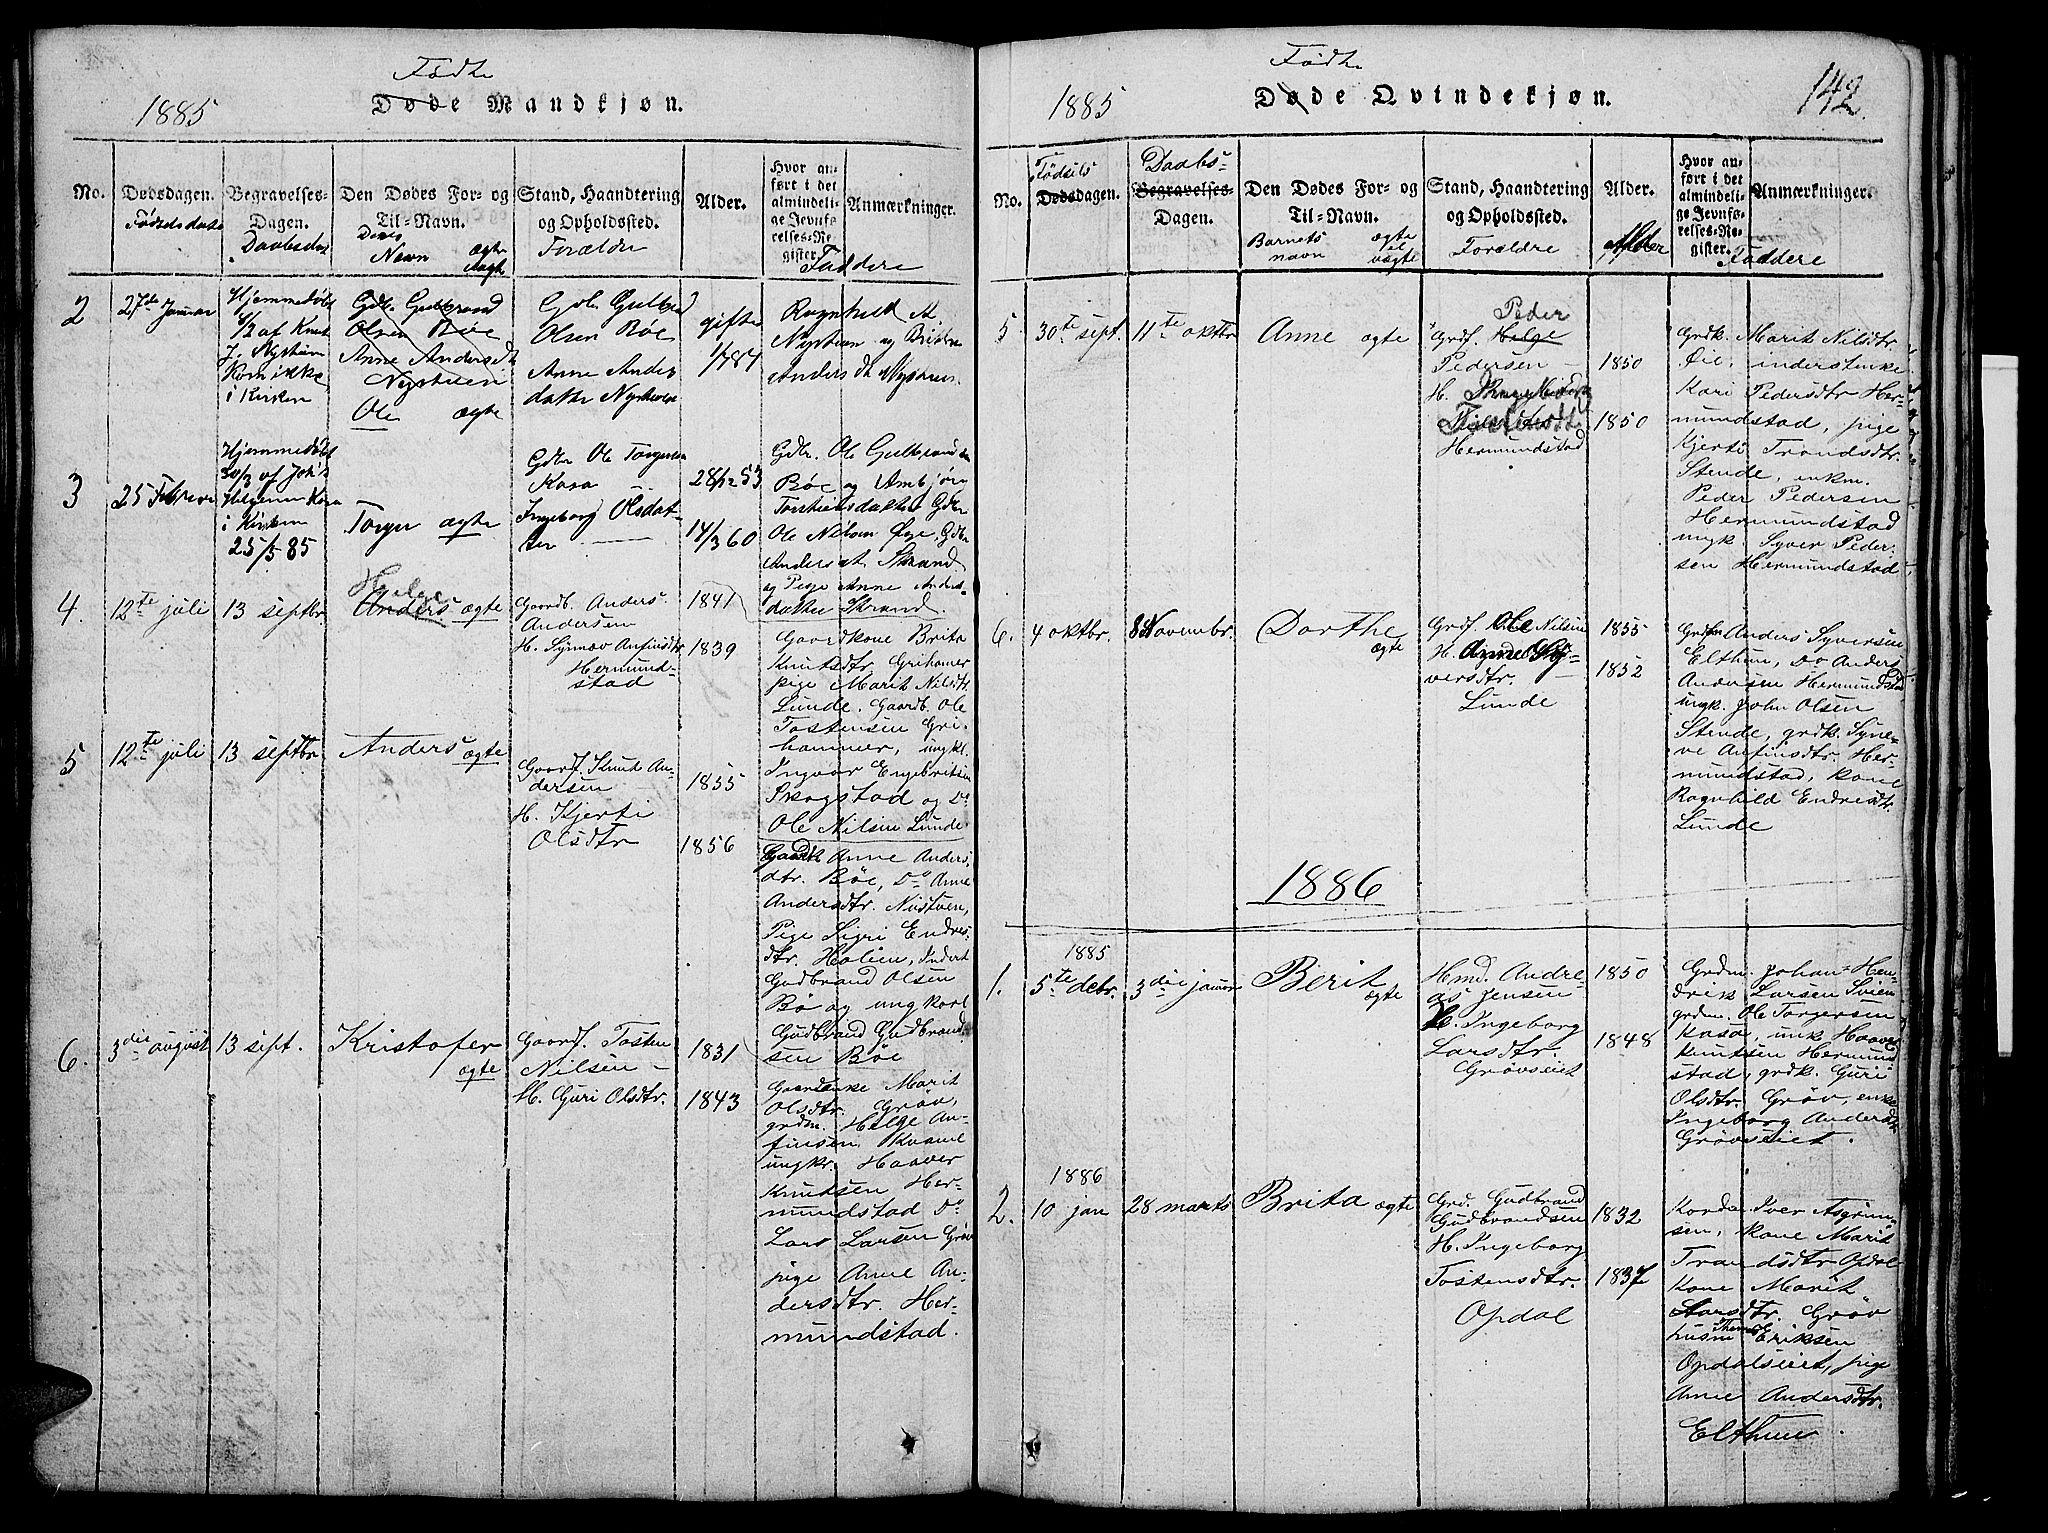 SAH, Vang prestekontor, Valdres, Klokkerbok nr. 2, 1814-1889, s. 142